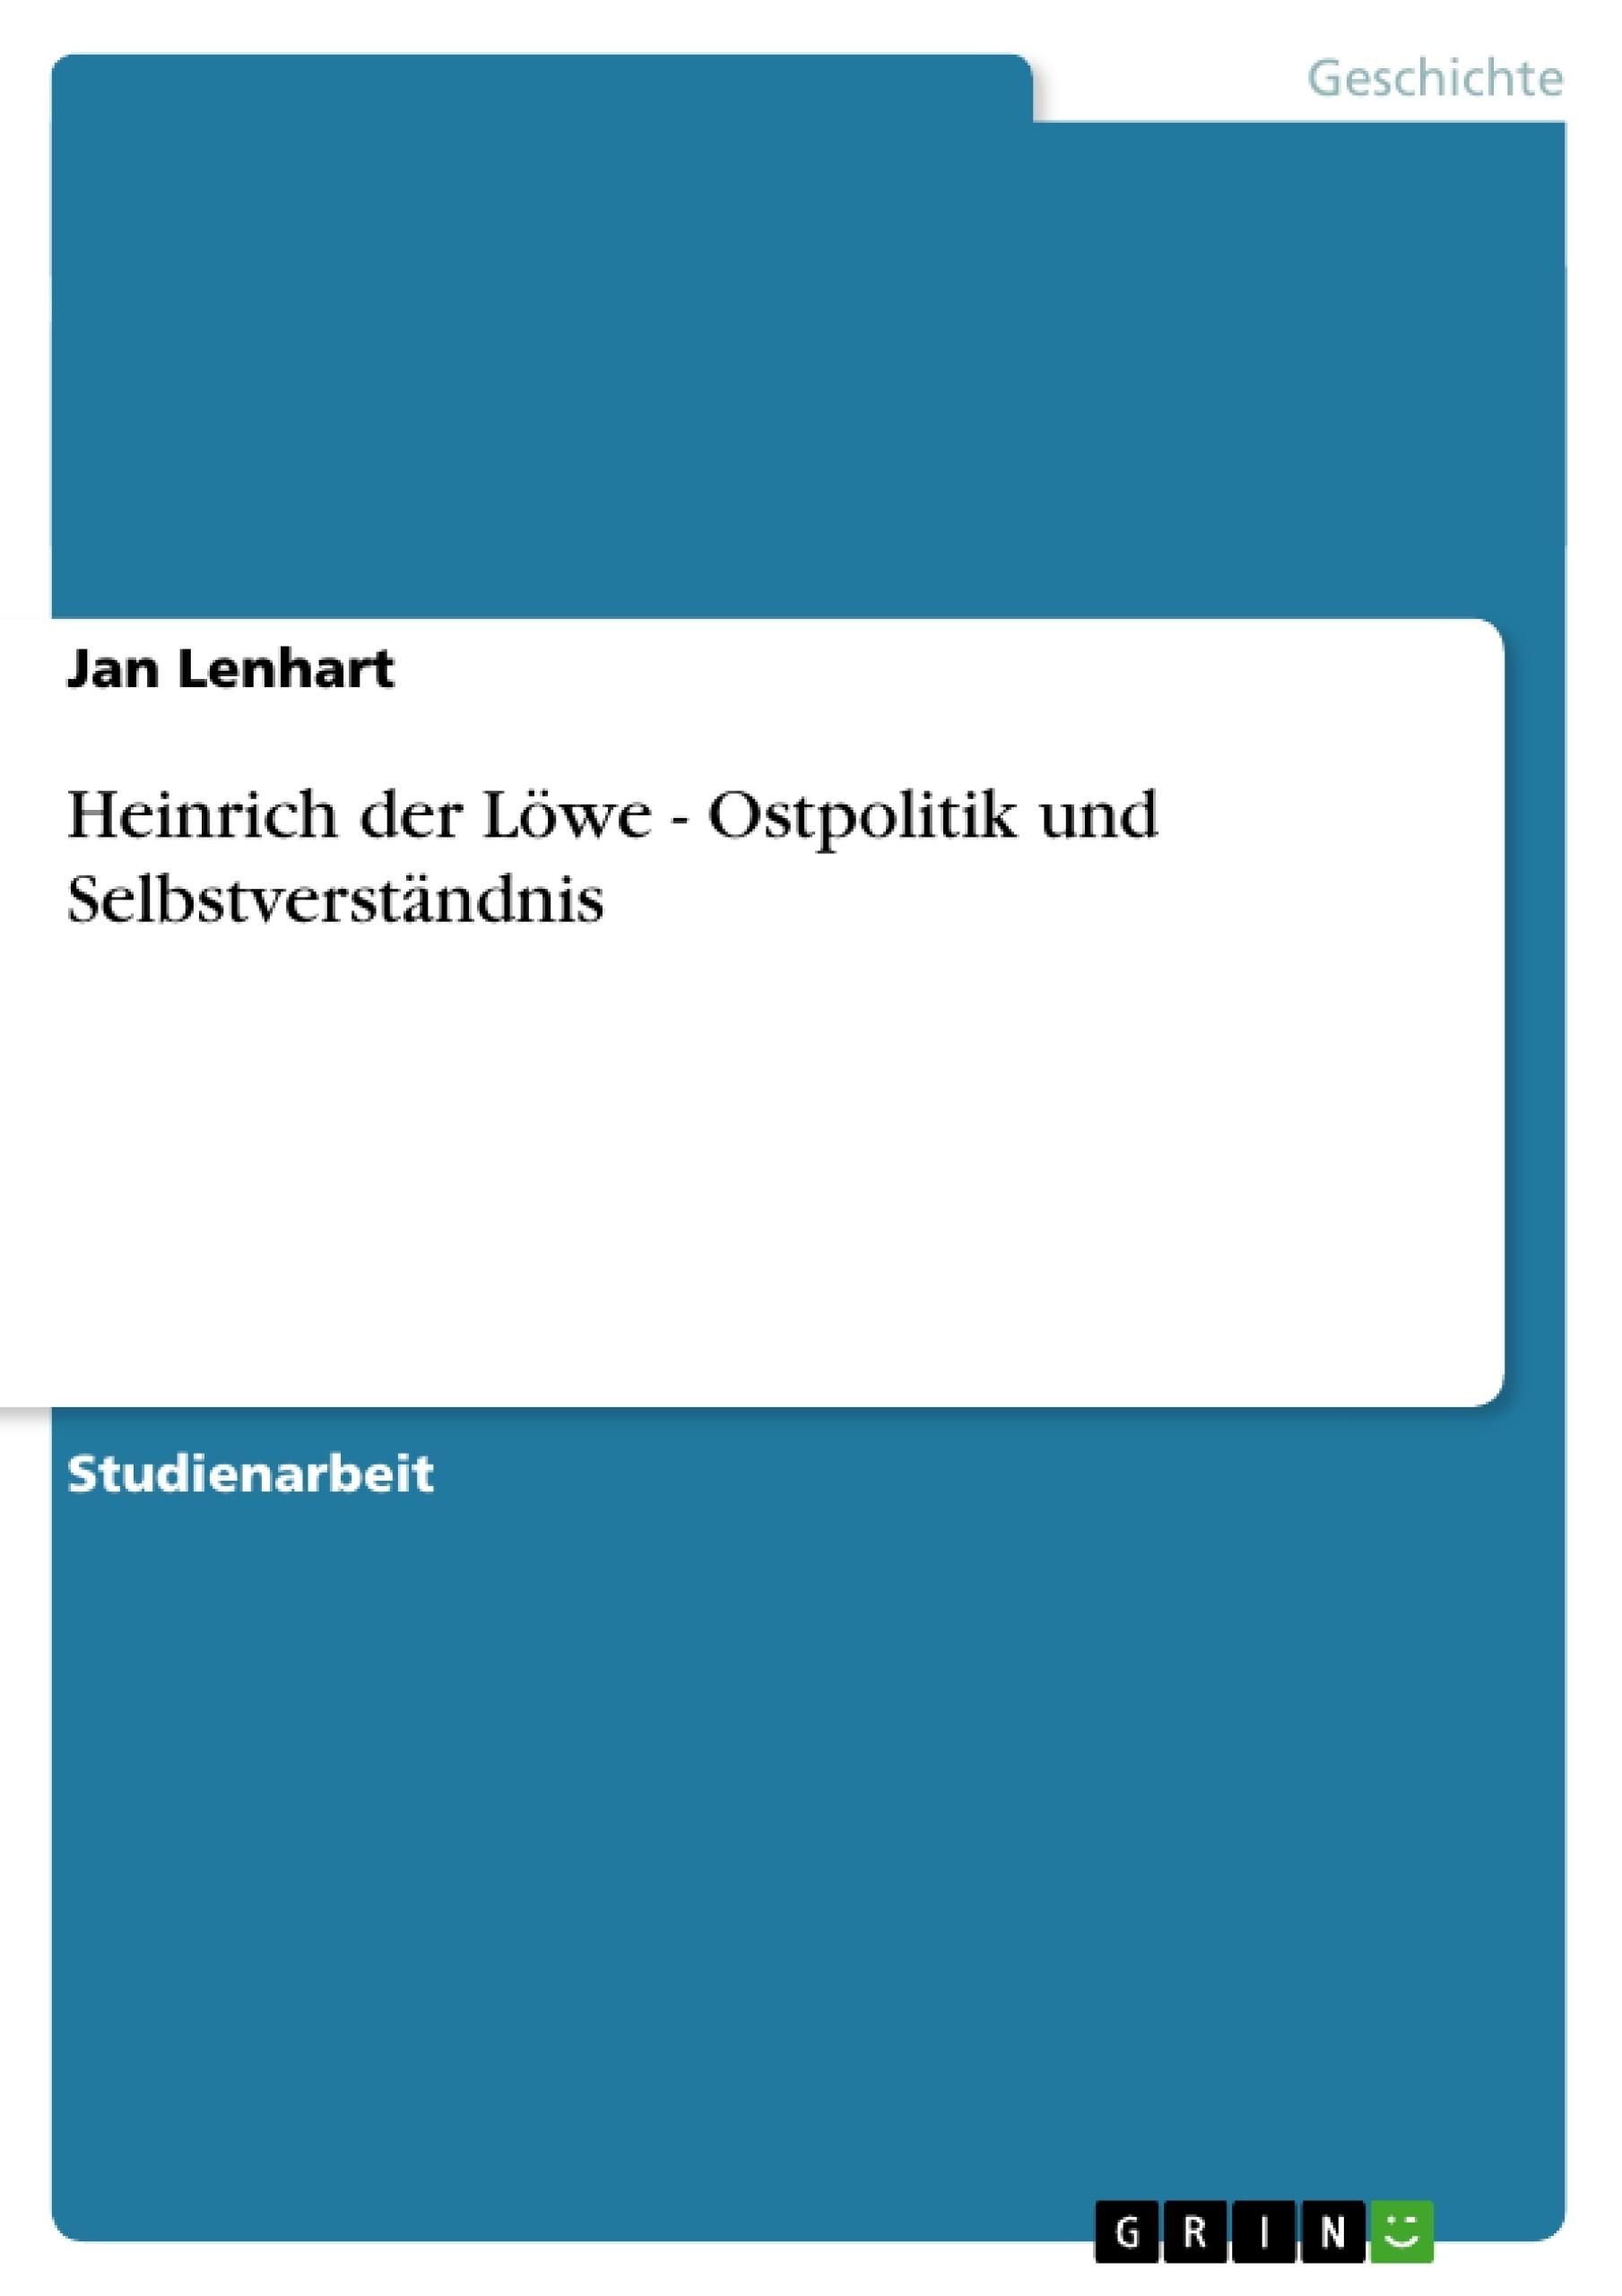 Titel: Heinrich der Löwe - Ostpolitik und Selbstverständnis